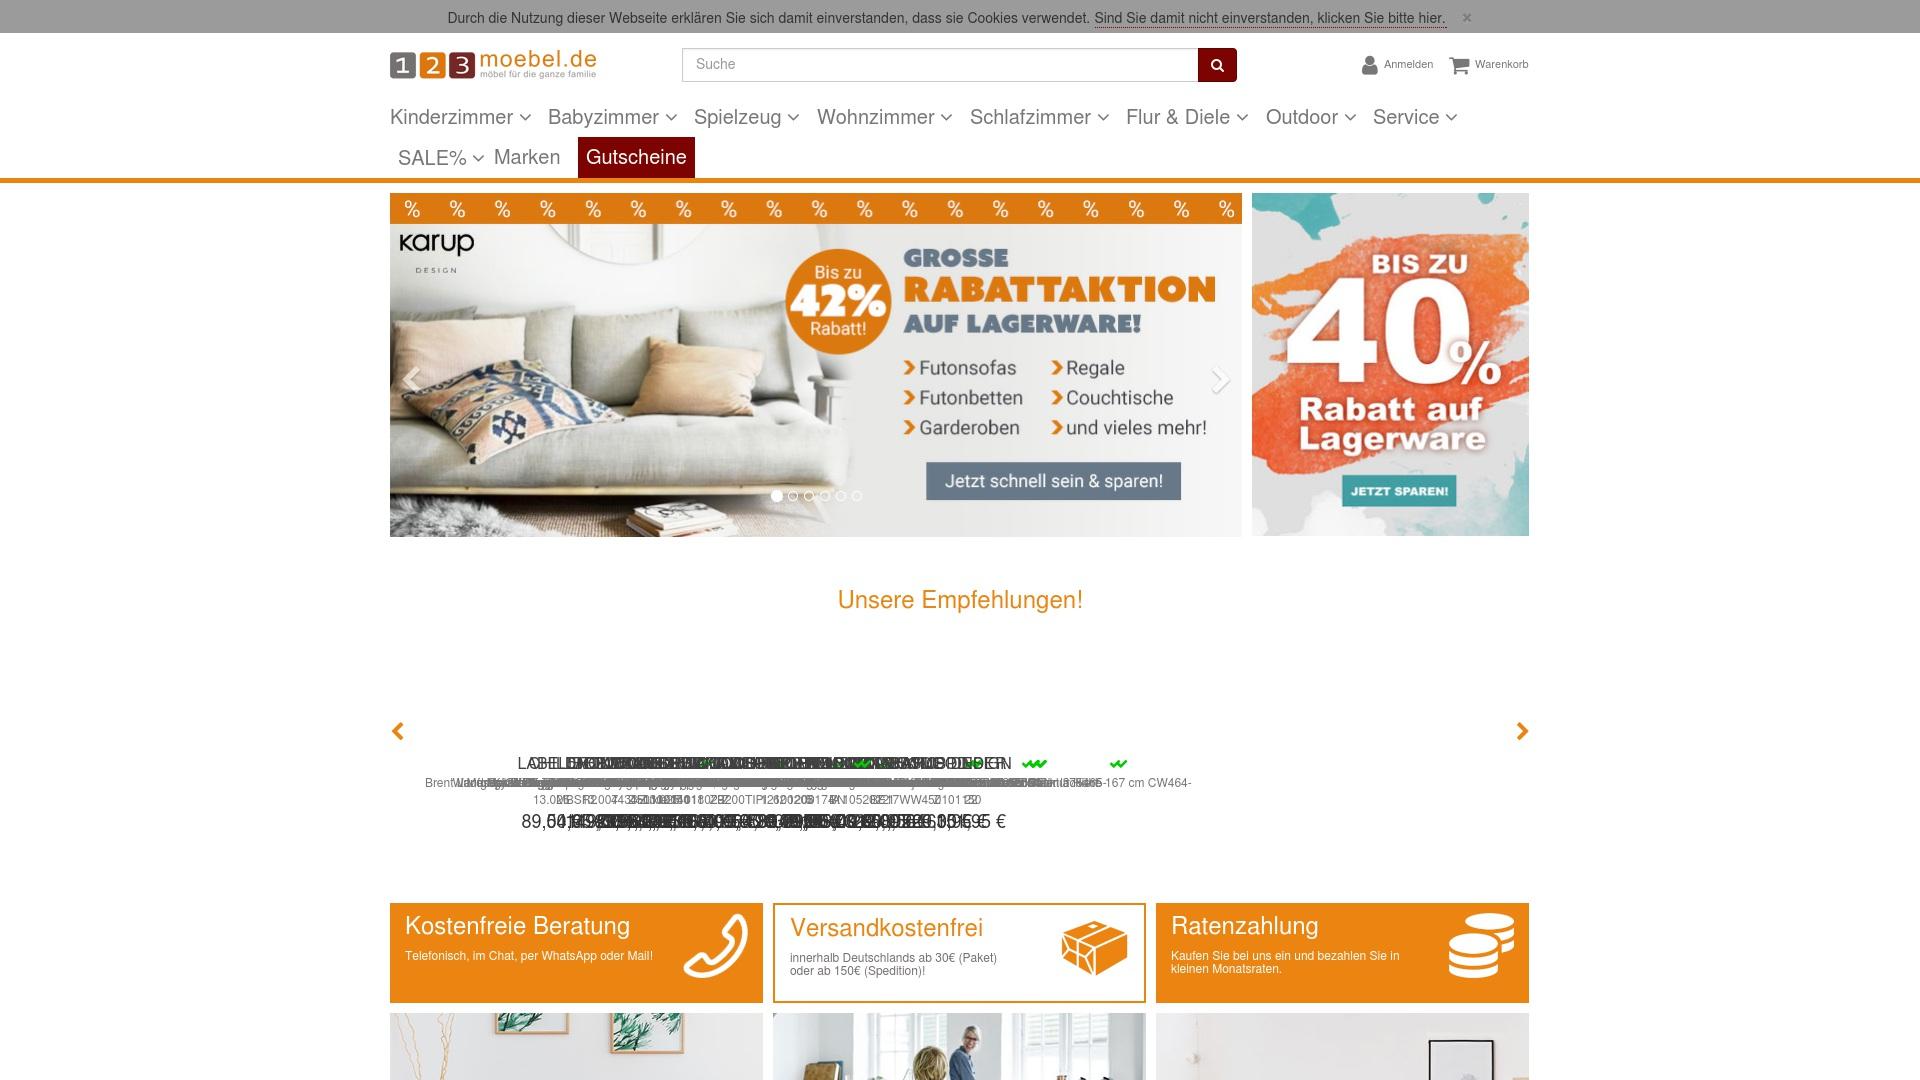 Gutschein für 123moebel: Rabatte für  123moebel sichern